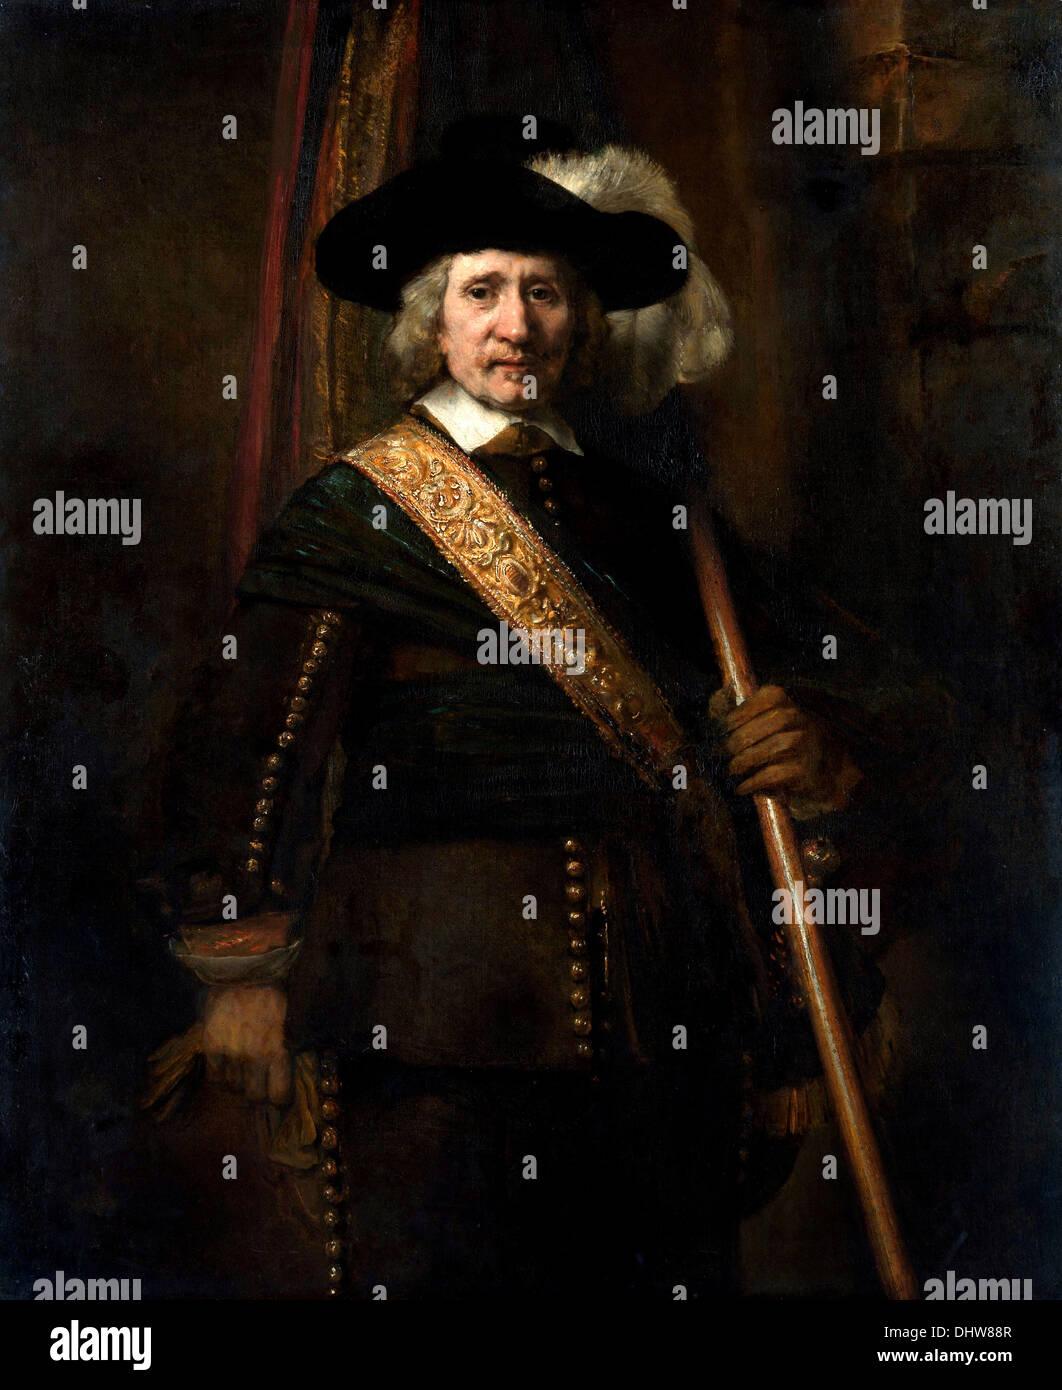 The Standard Bearer - by Rembrandt van Rijn, 1654 - Stock Image